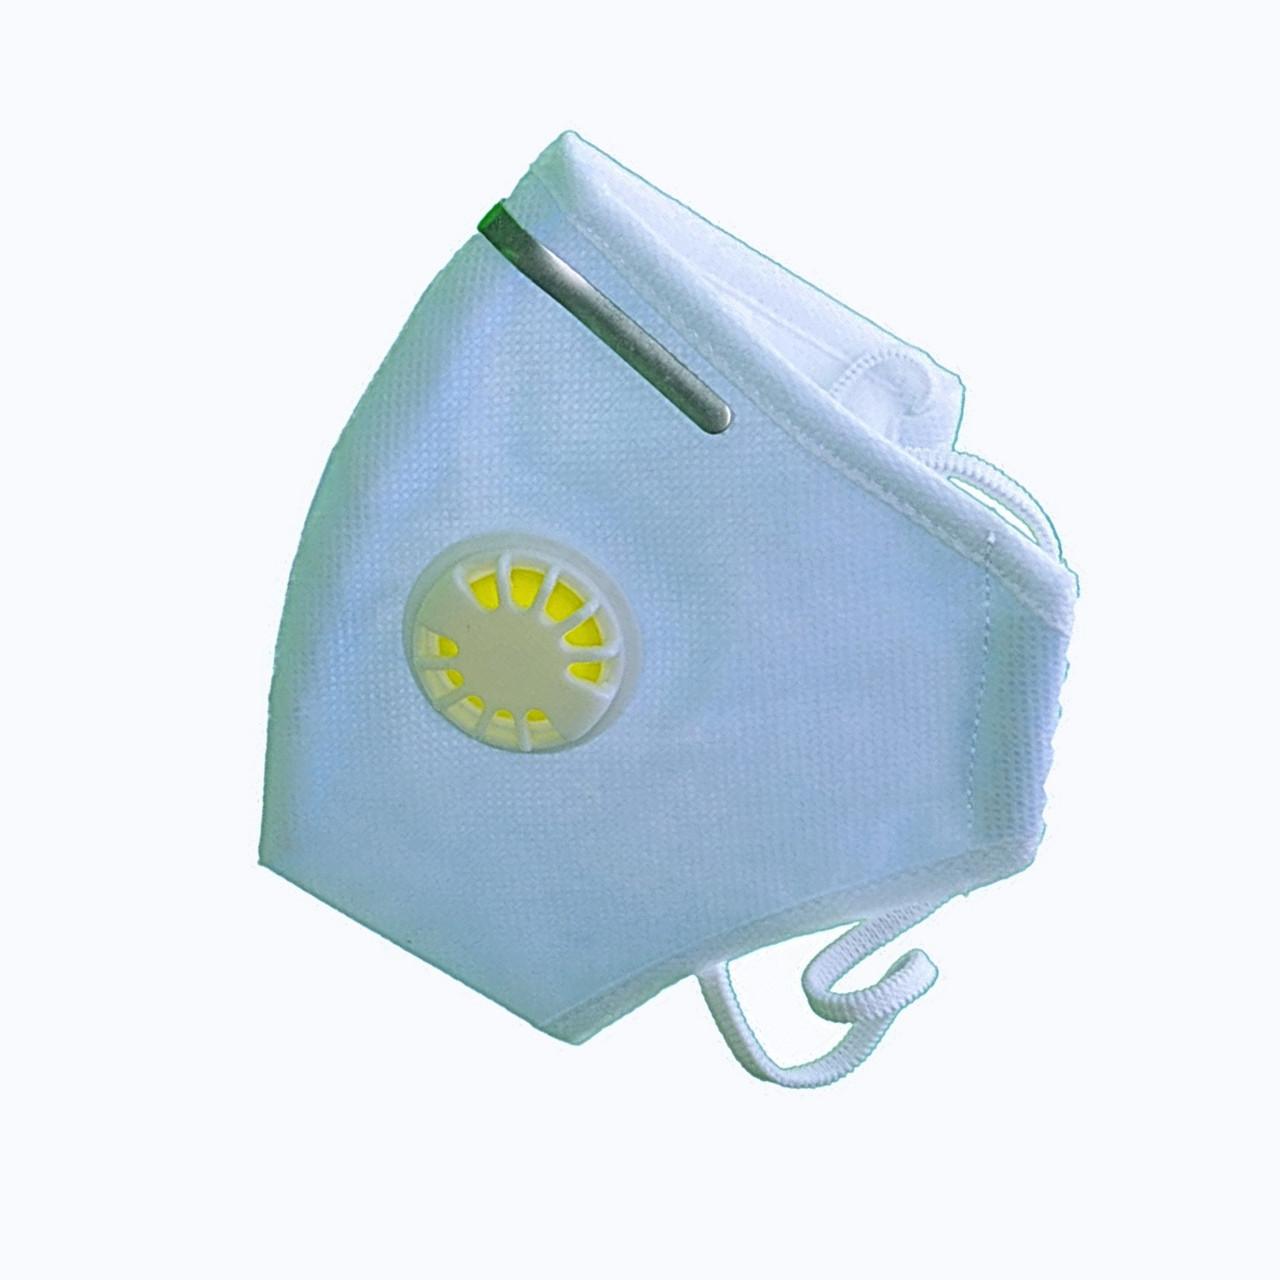 10 шт. Респиратор Славия ffp3 с клапаном и зажимом, голубой, 10 шт